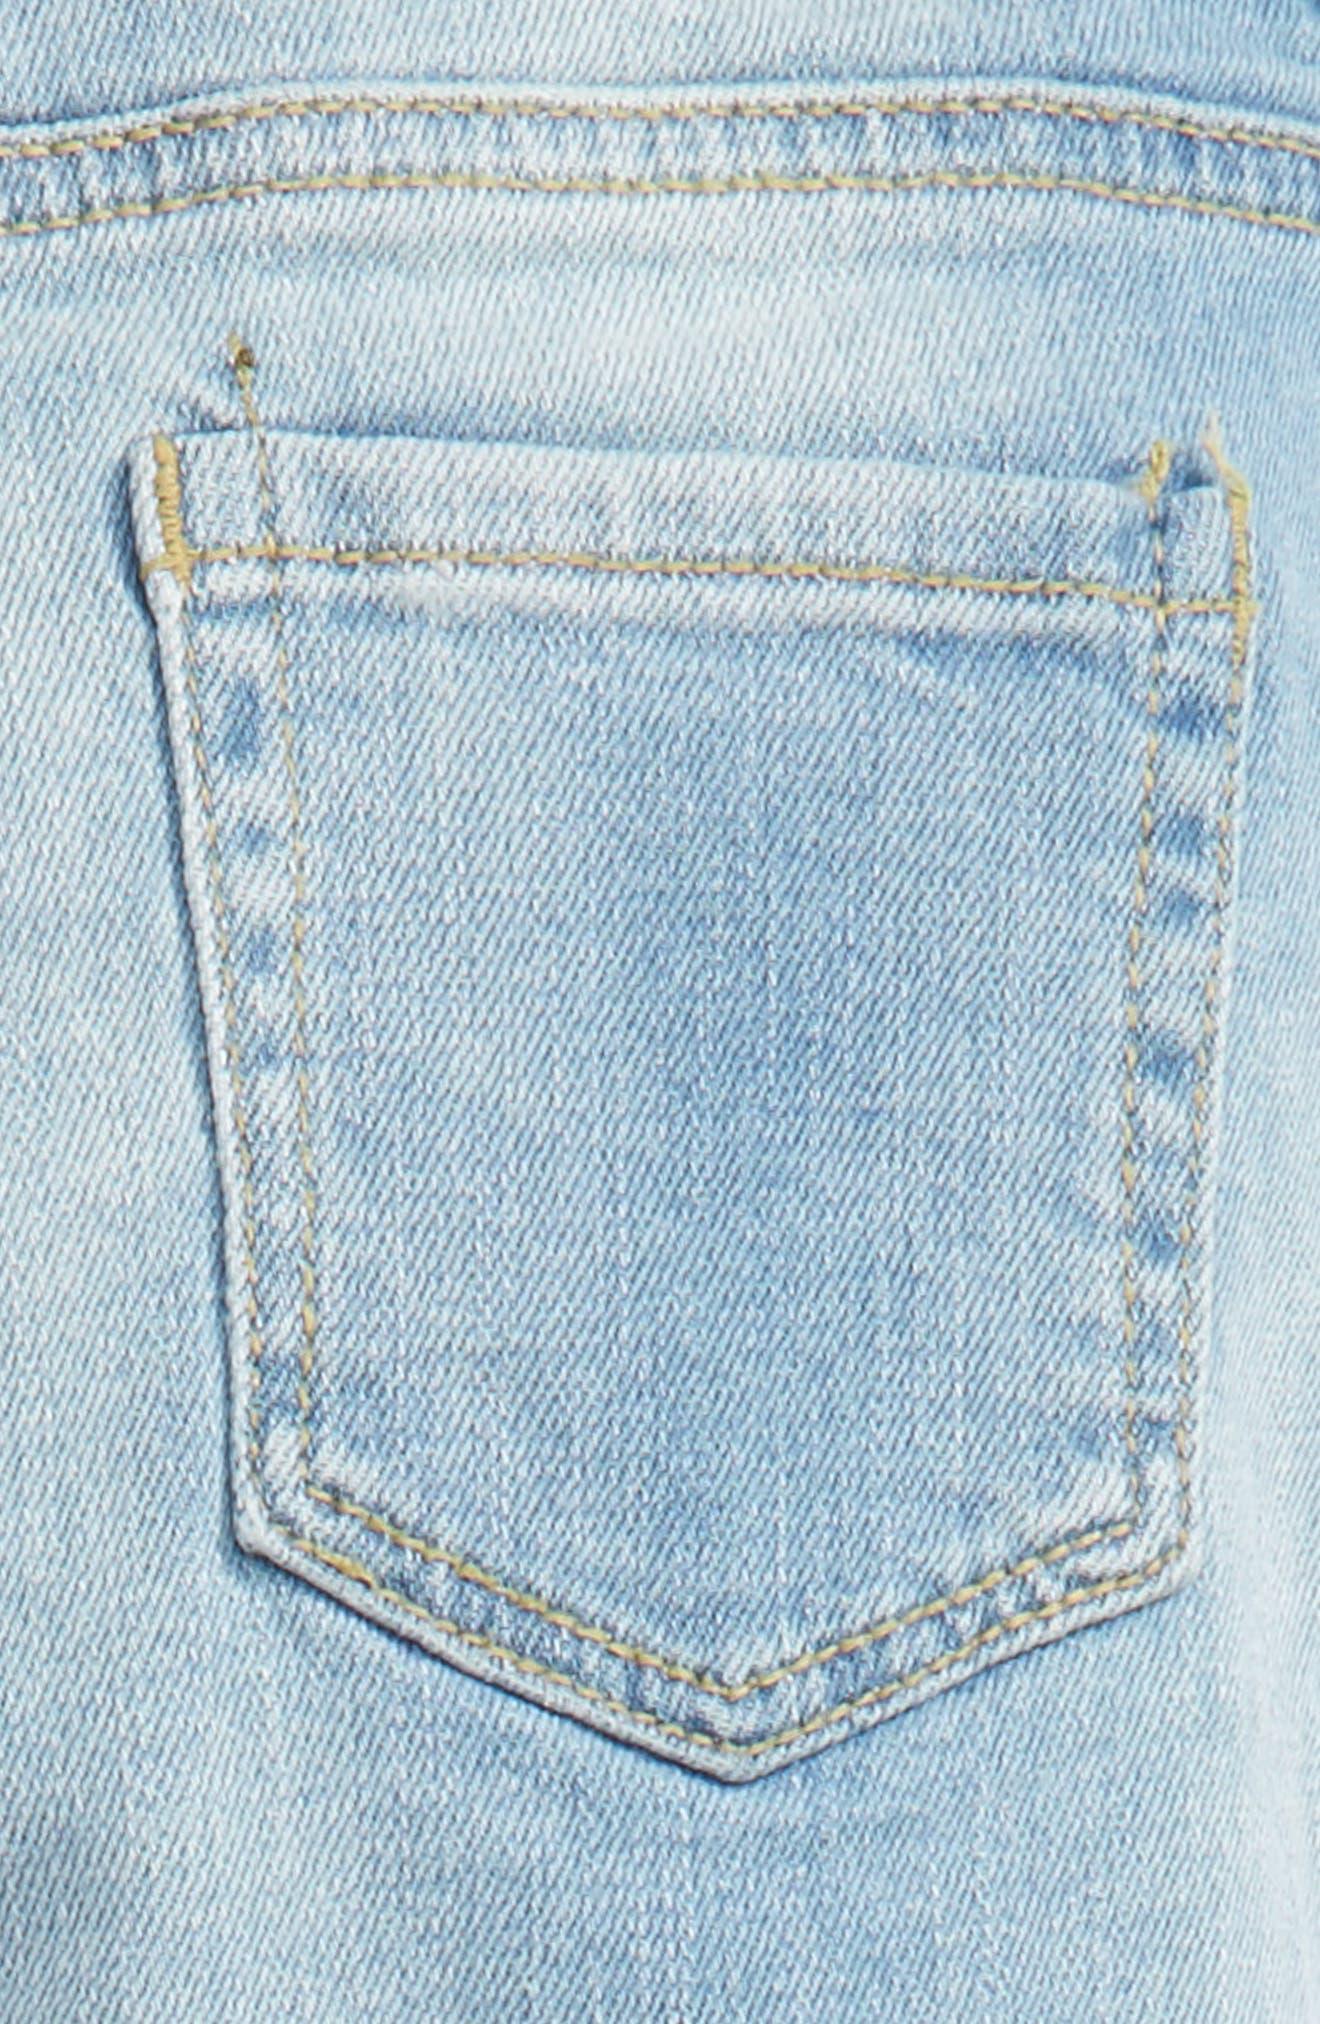 Alternate Image 3  - Peek Celeste Skinny Jeans (Toddler Girls, Little Girls & Big Girls)